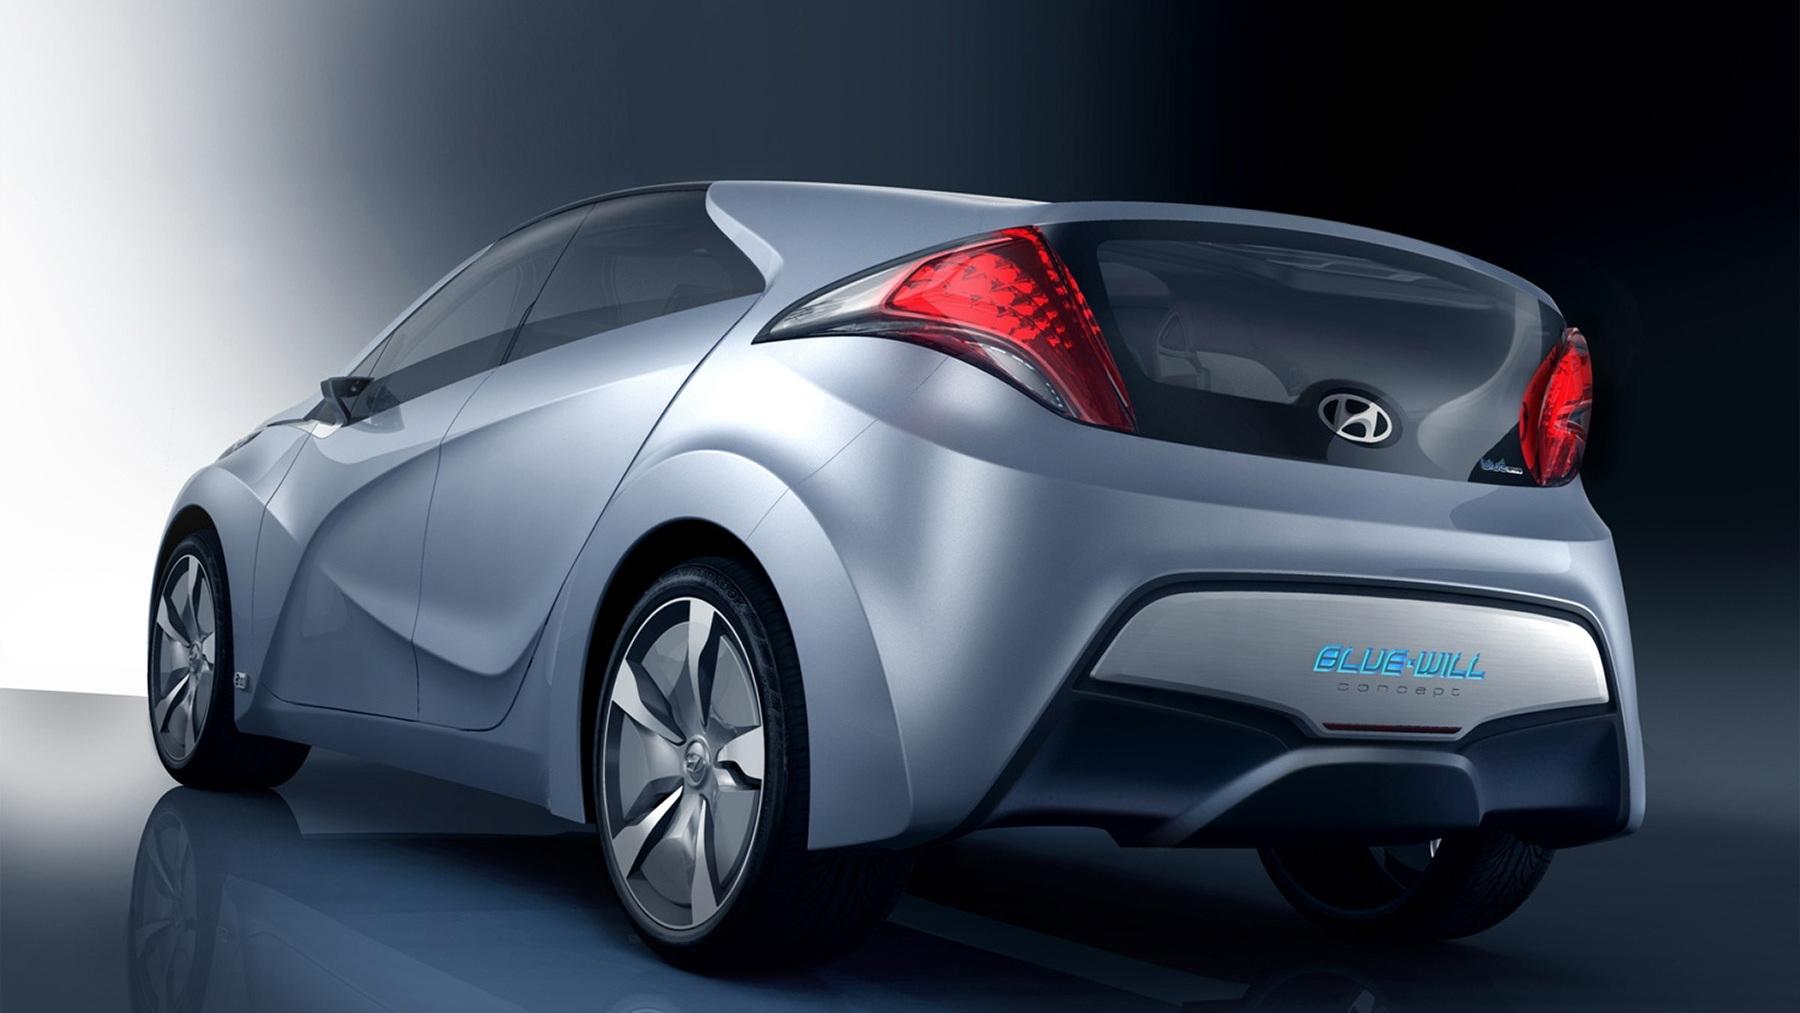 2009 hyundai hnd 4 blue will plug in hybrid concept 002